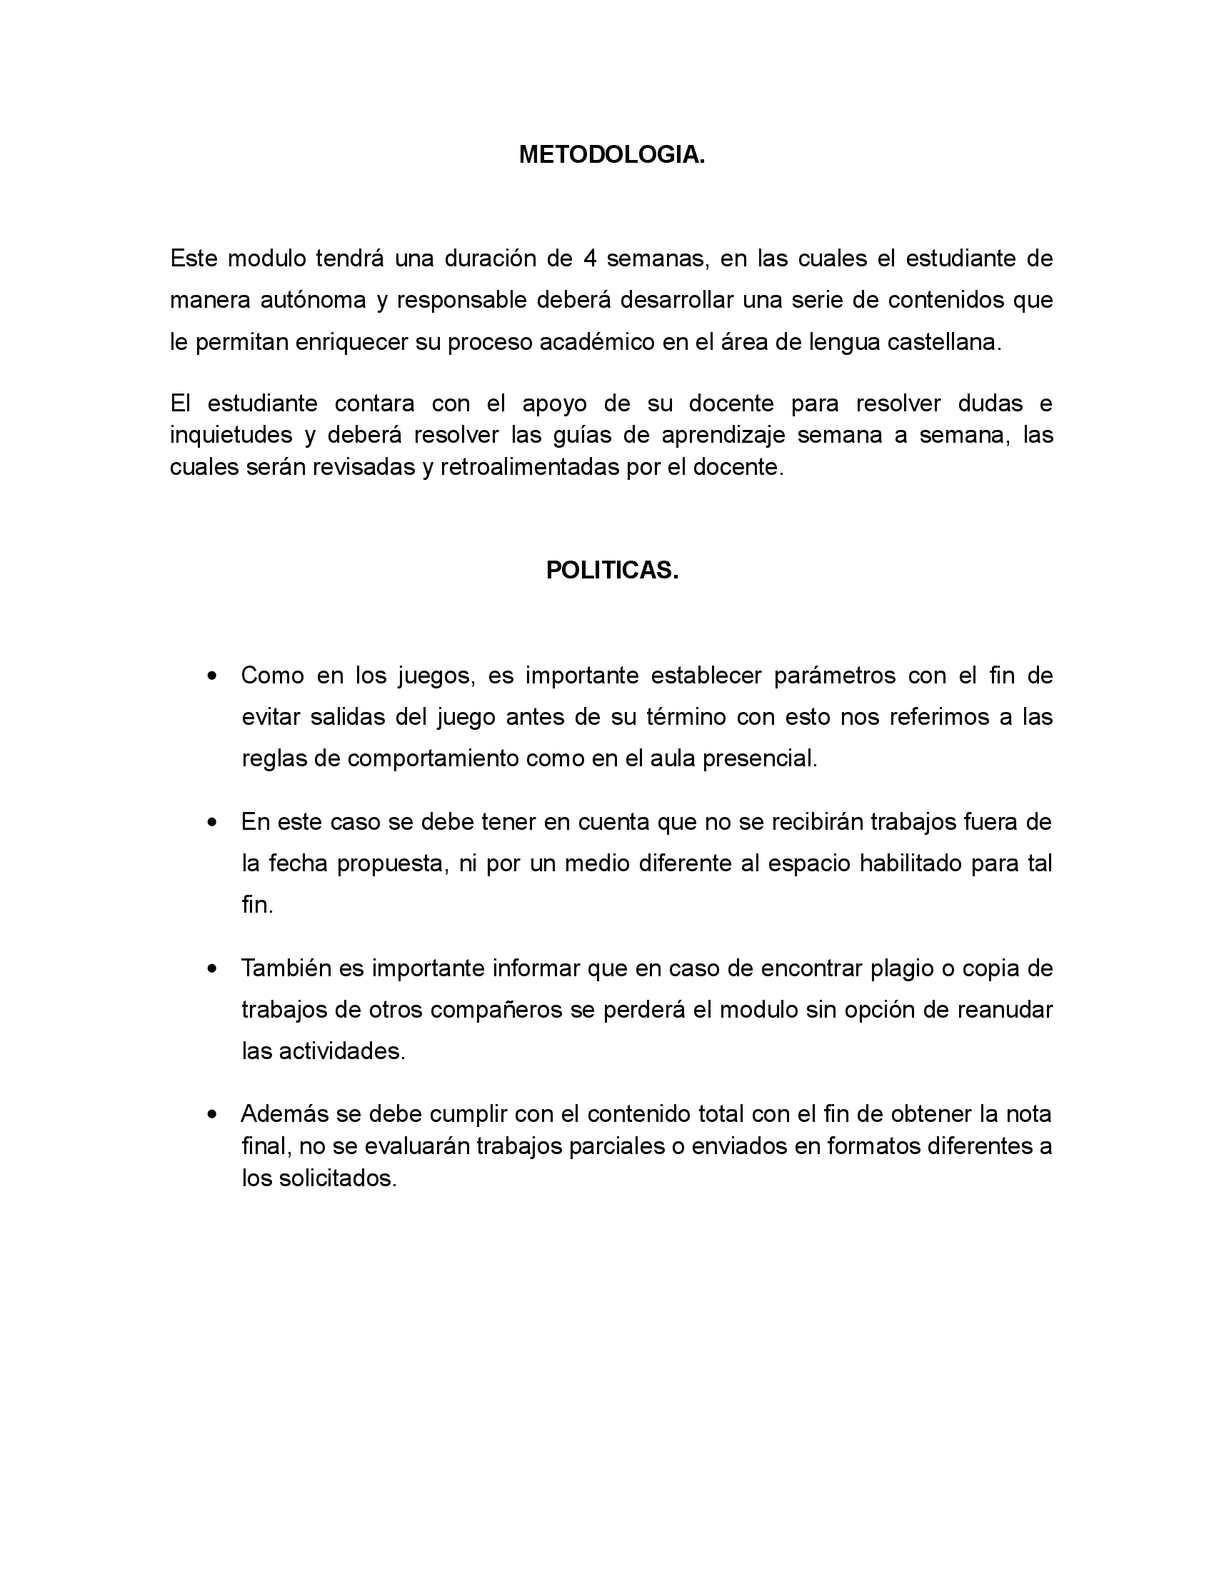 Calaméo - Metodología y politicas del taller.